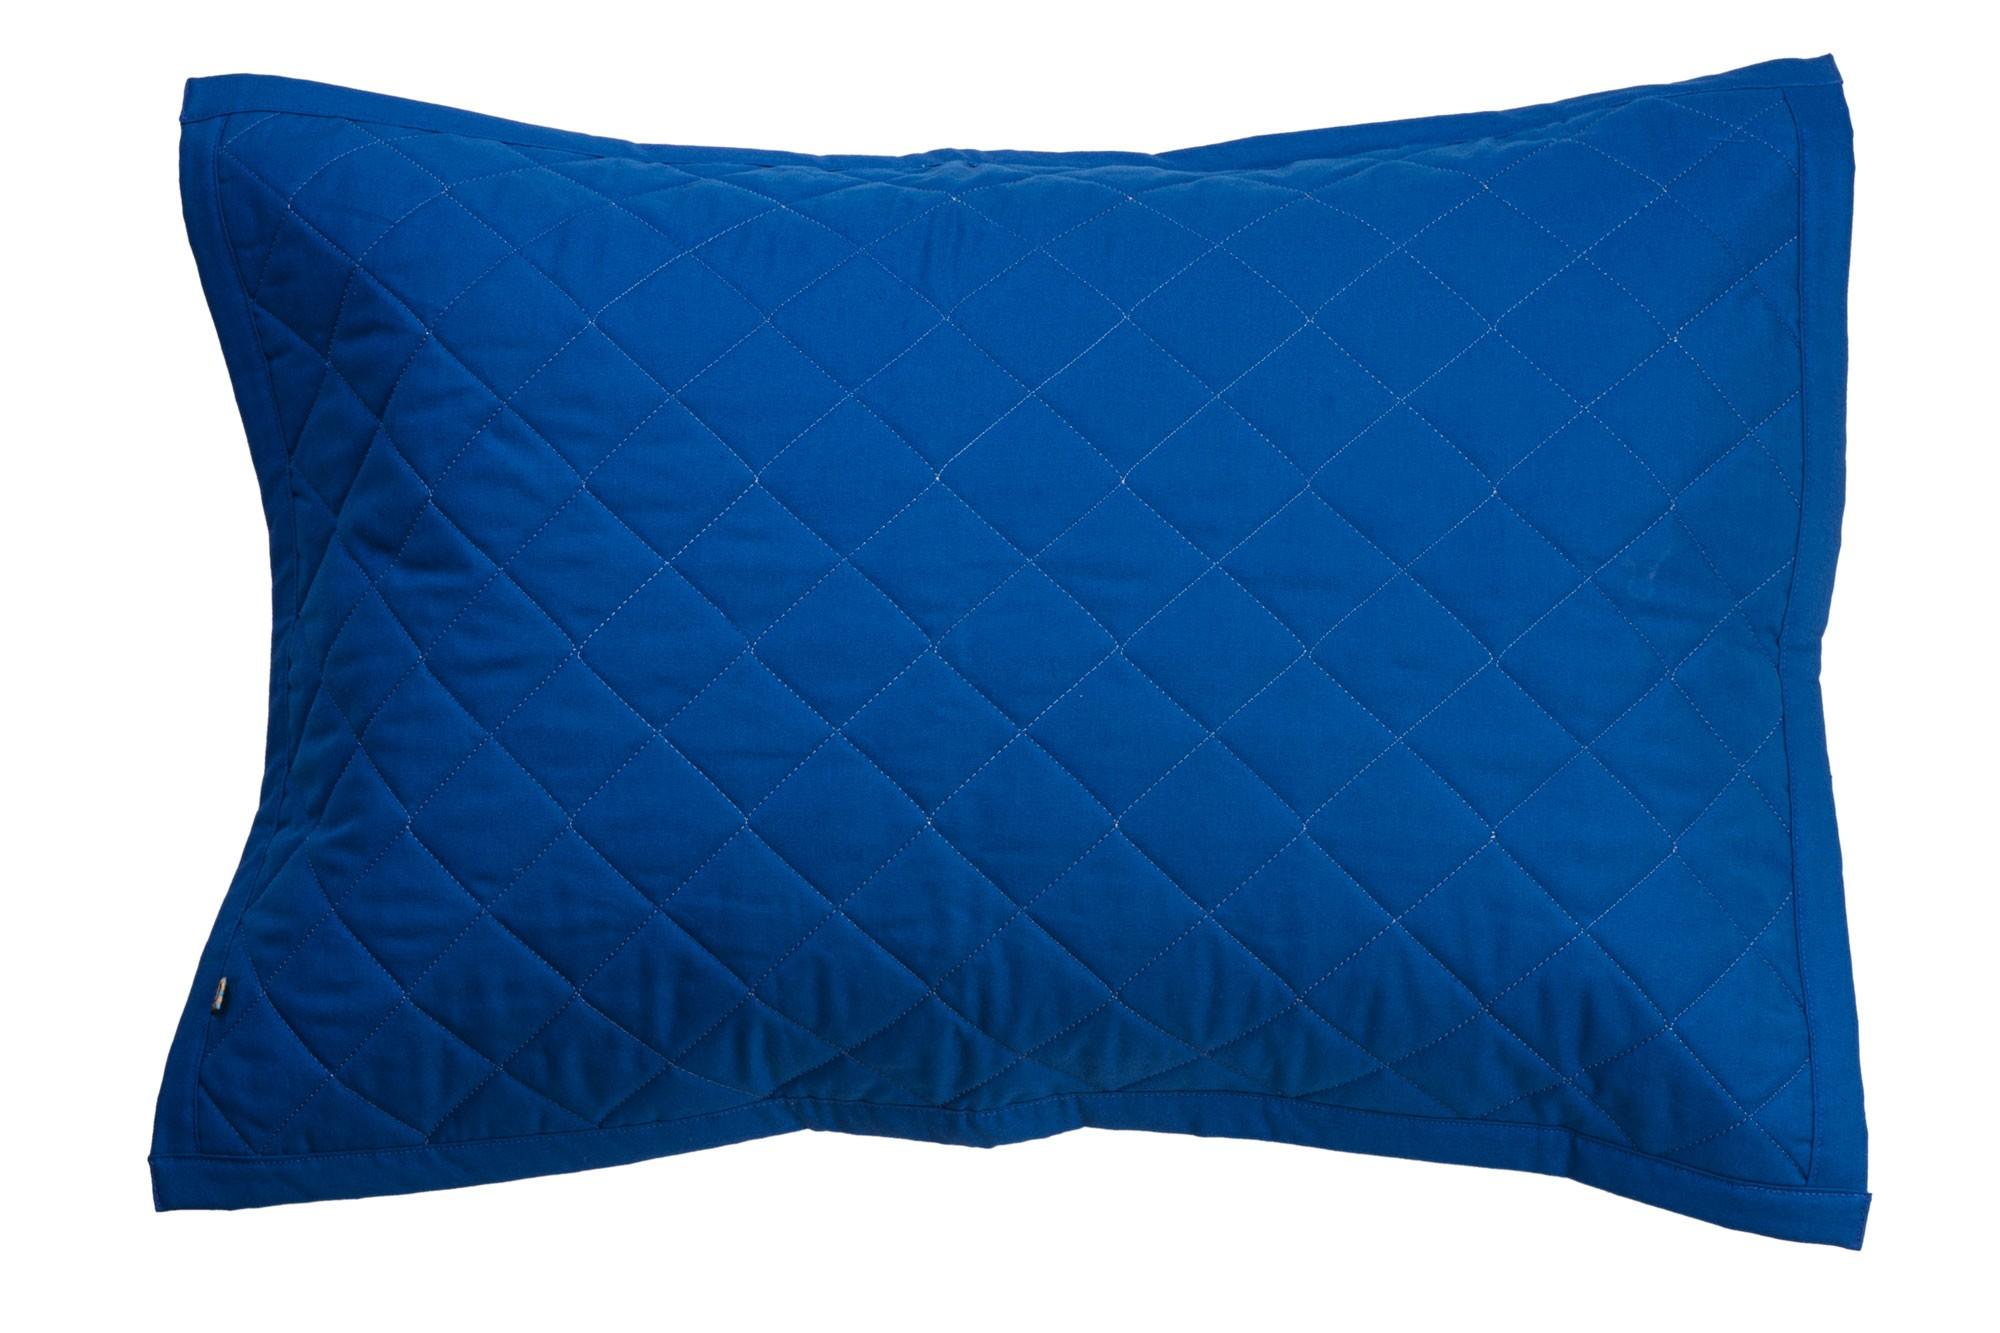 Porta travesseiro matelassê azul clássico e verde água